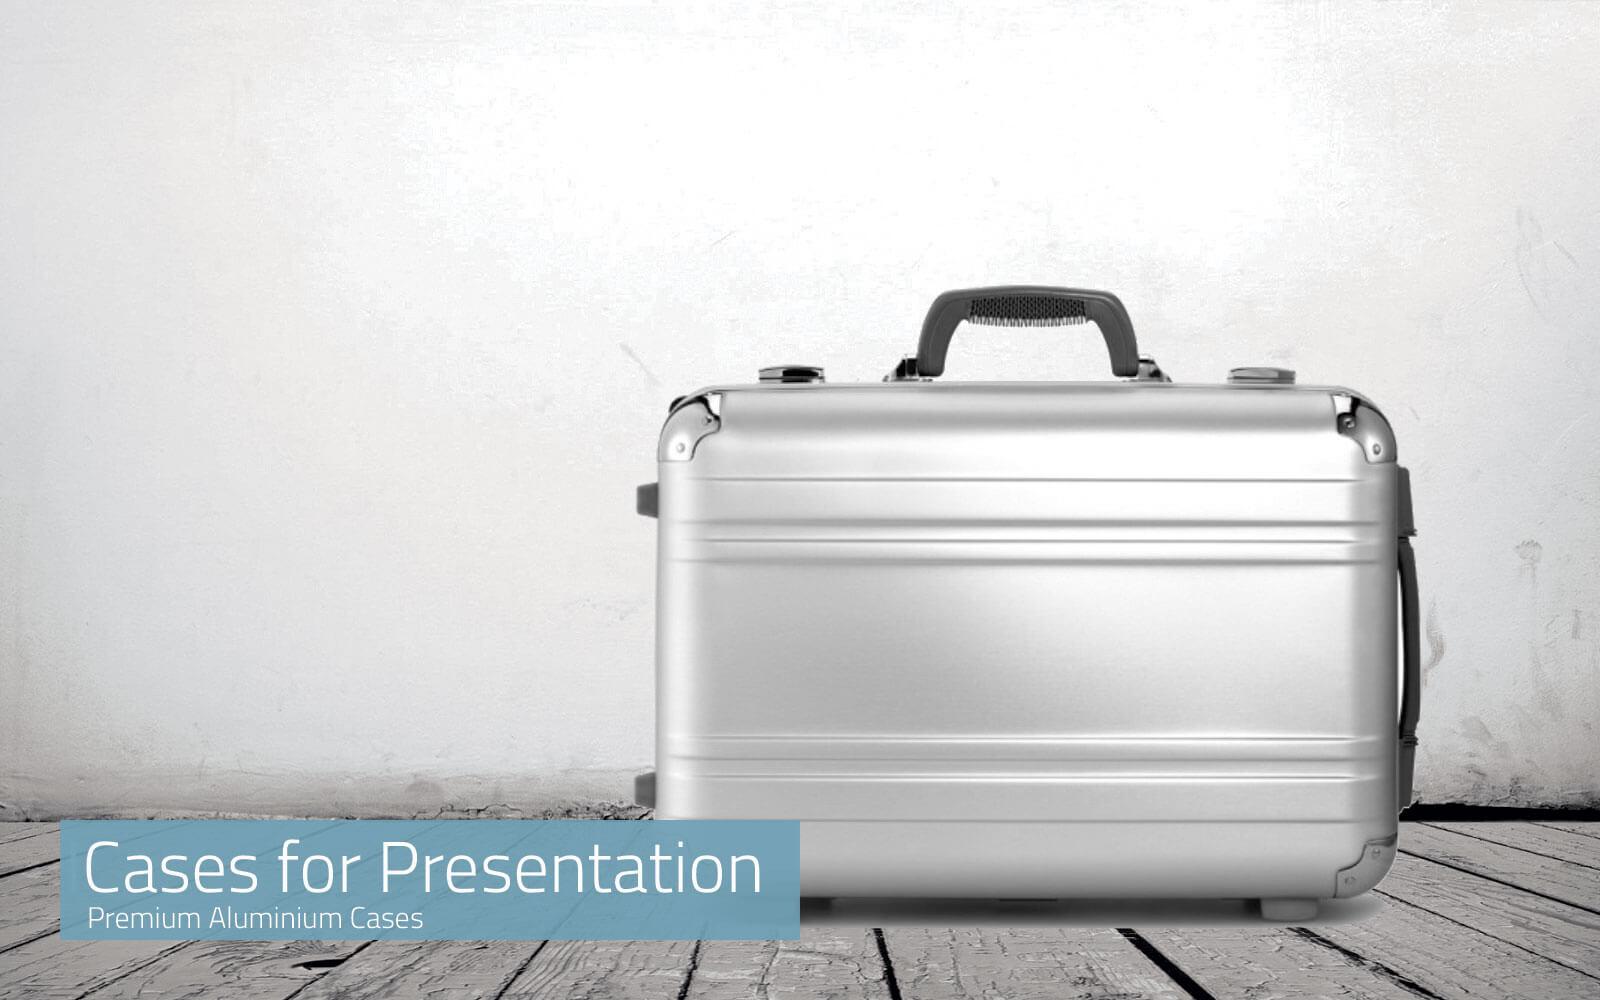 Premium Cases for Presentation